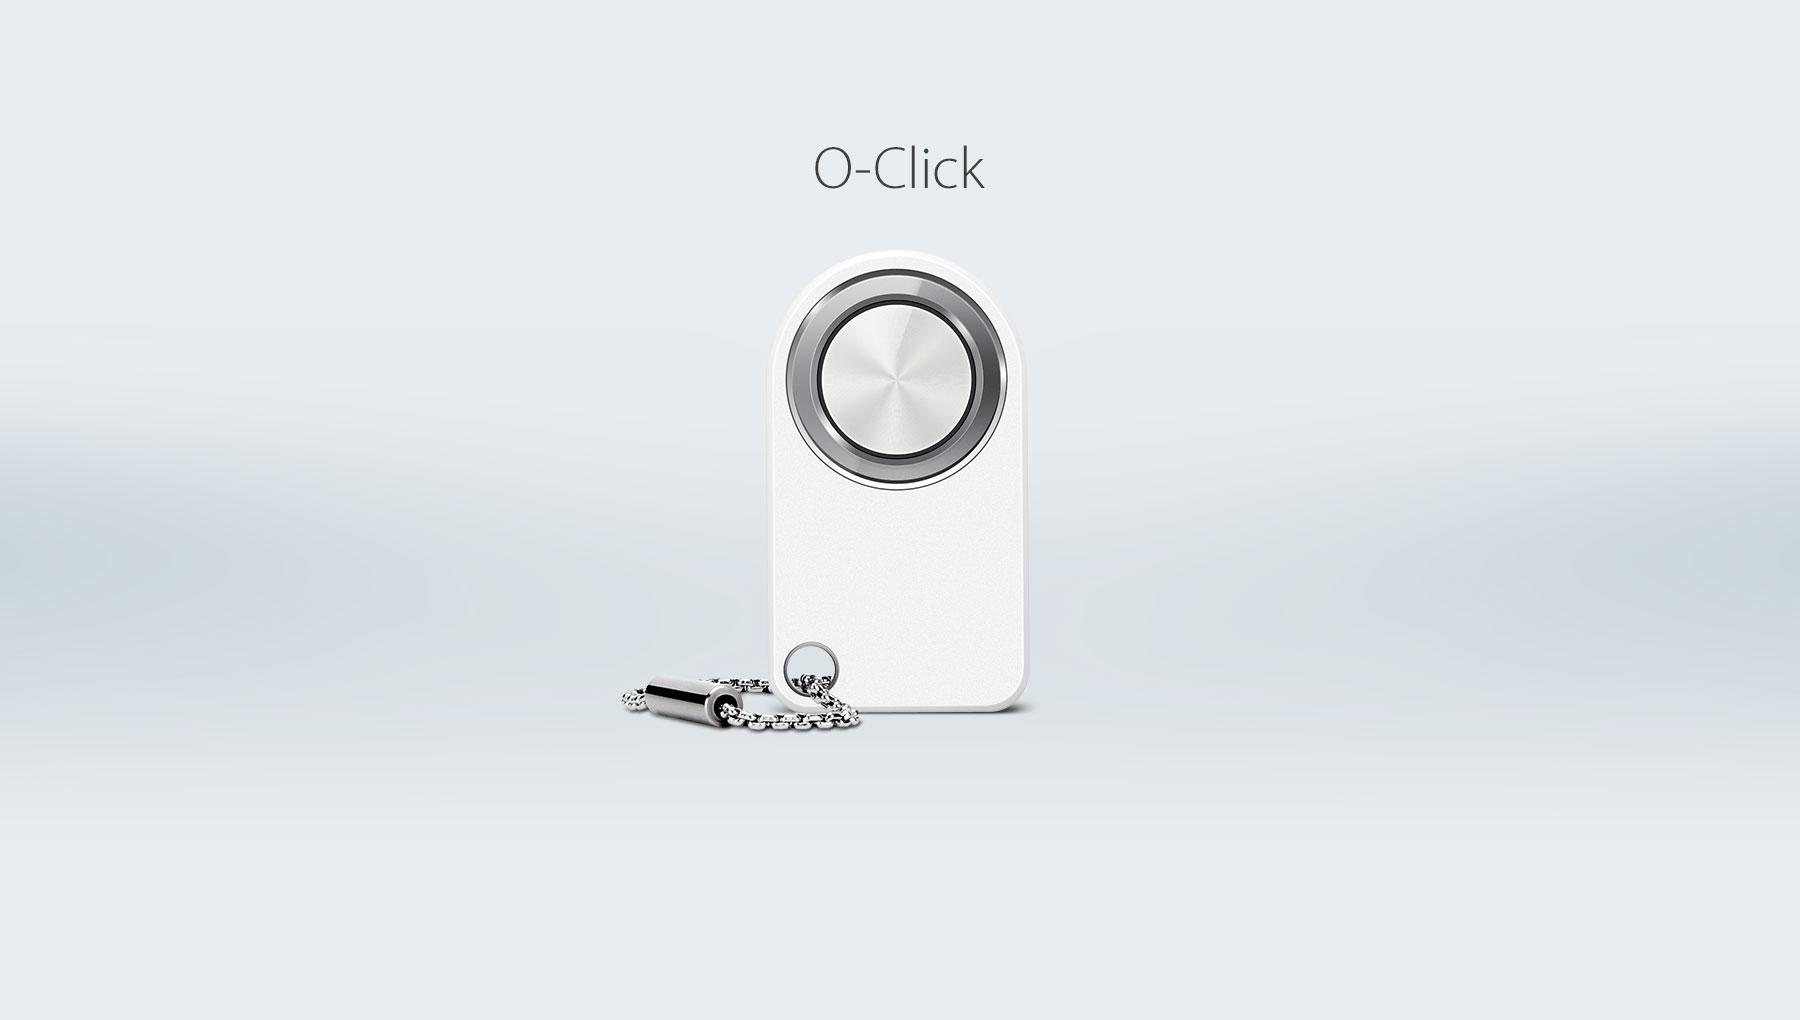 O-Click